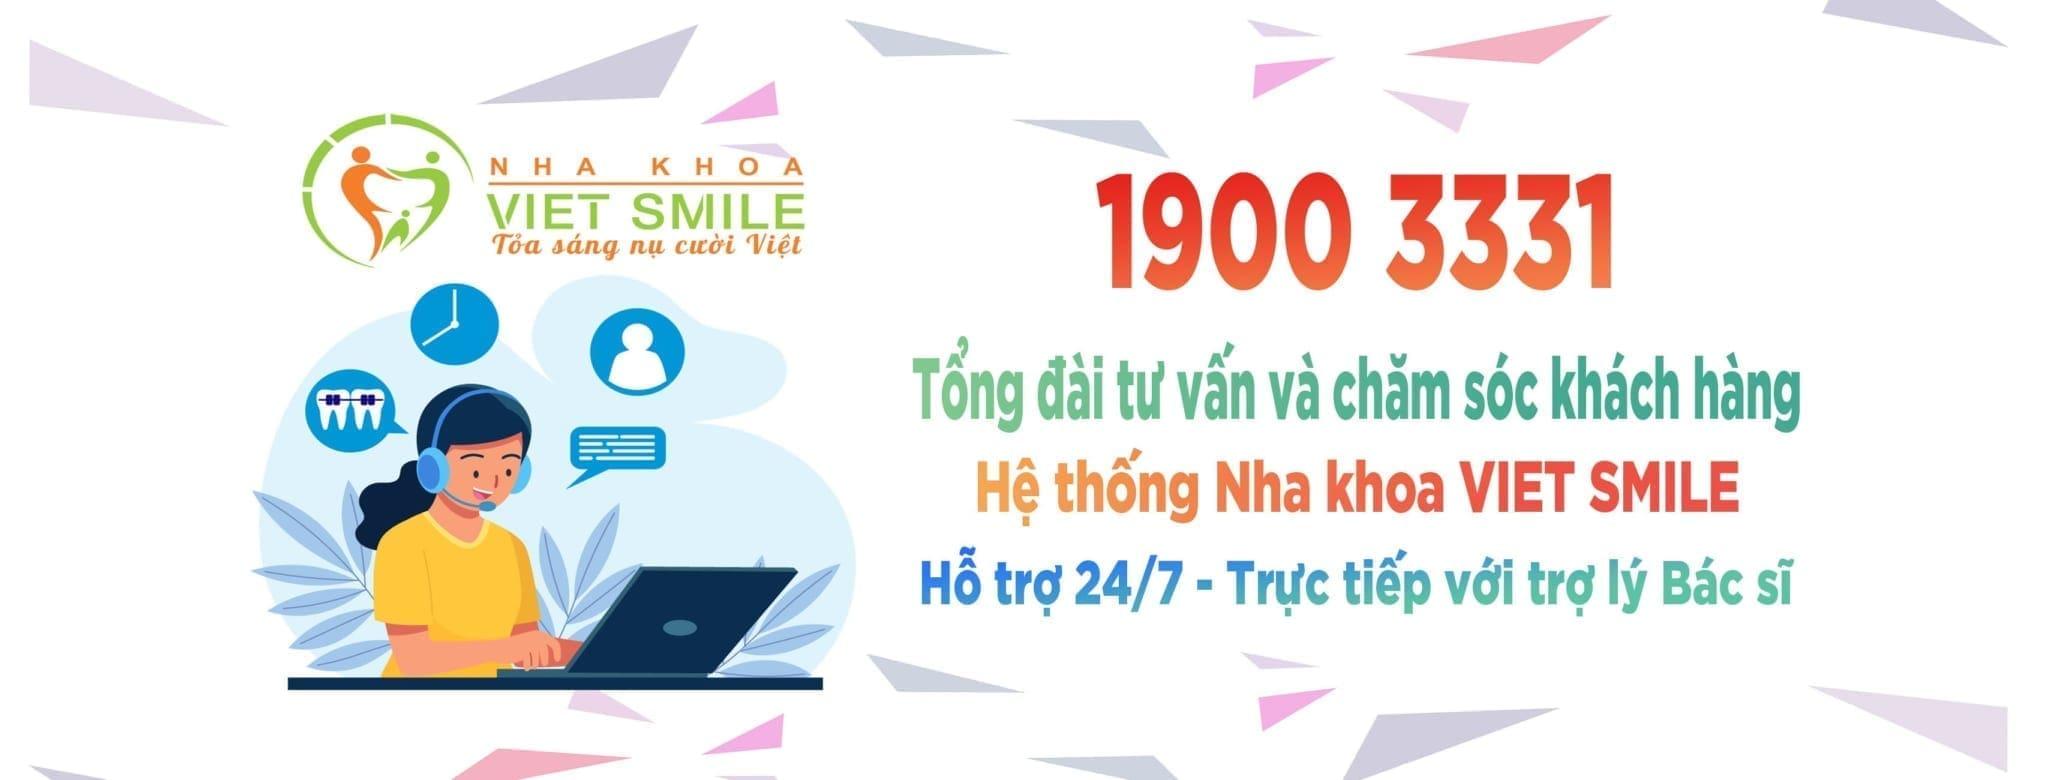 Tong dai cham soc kh 1 scaled